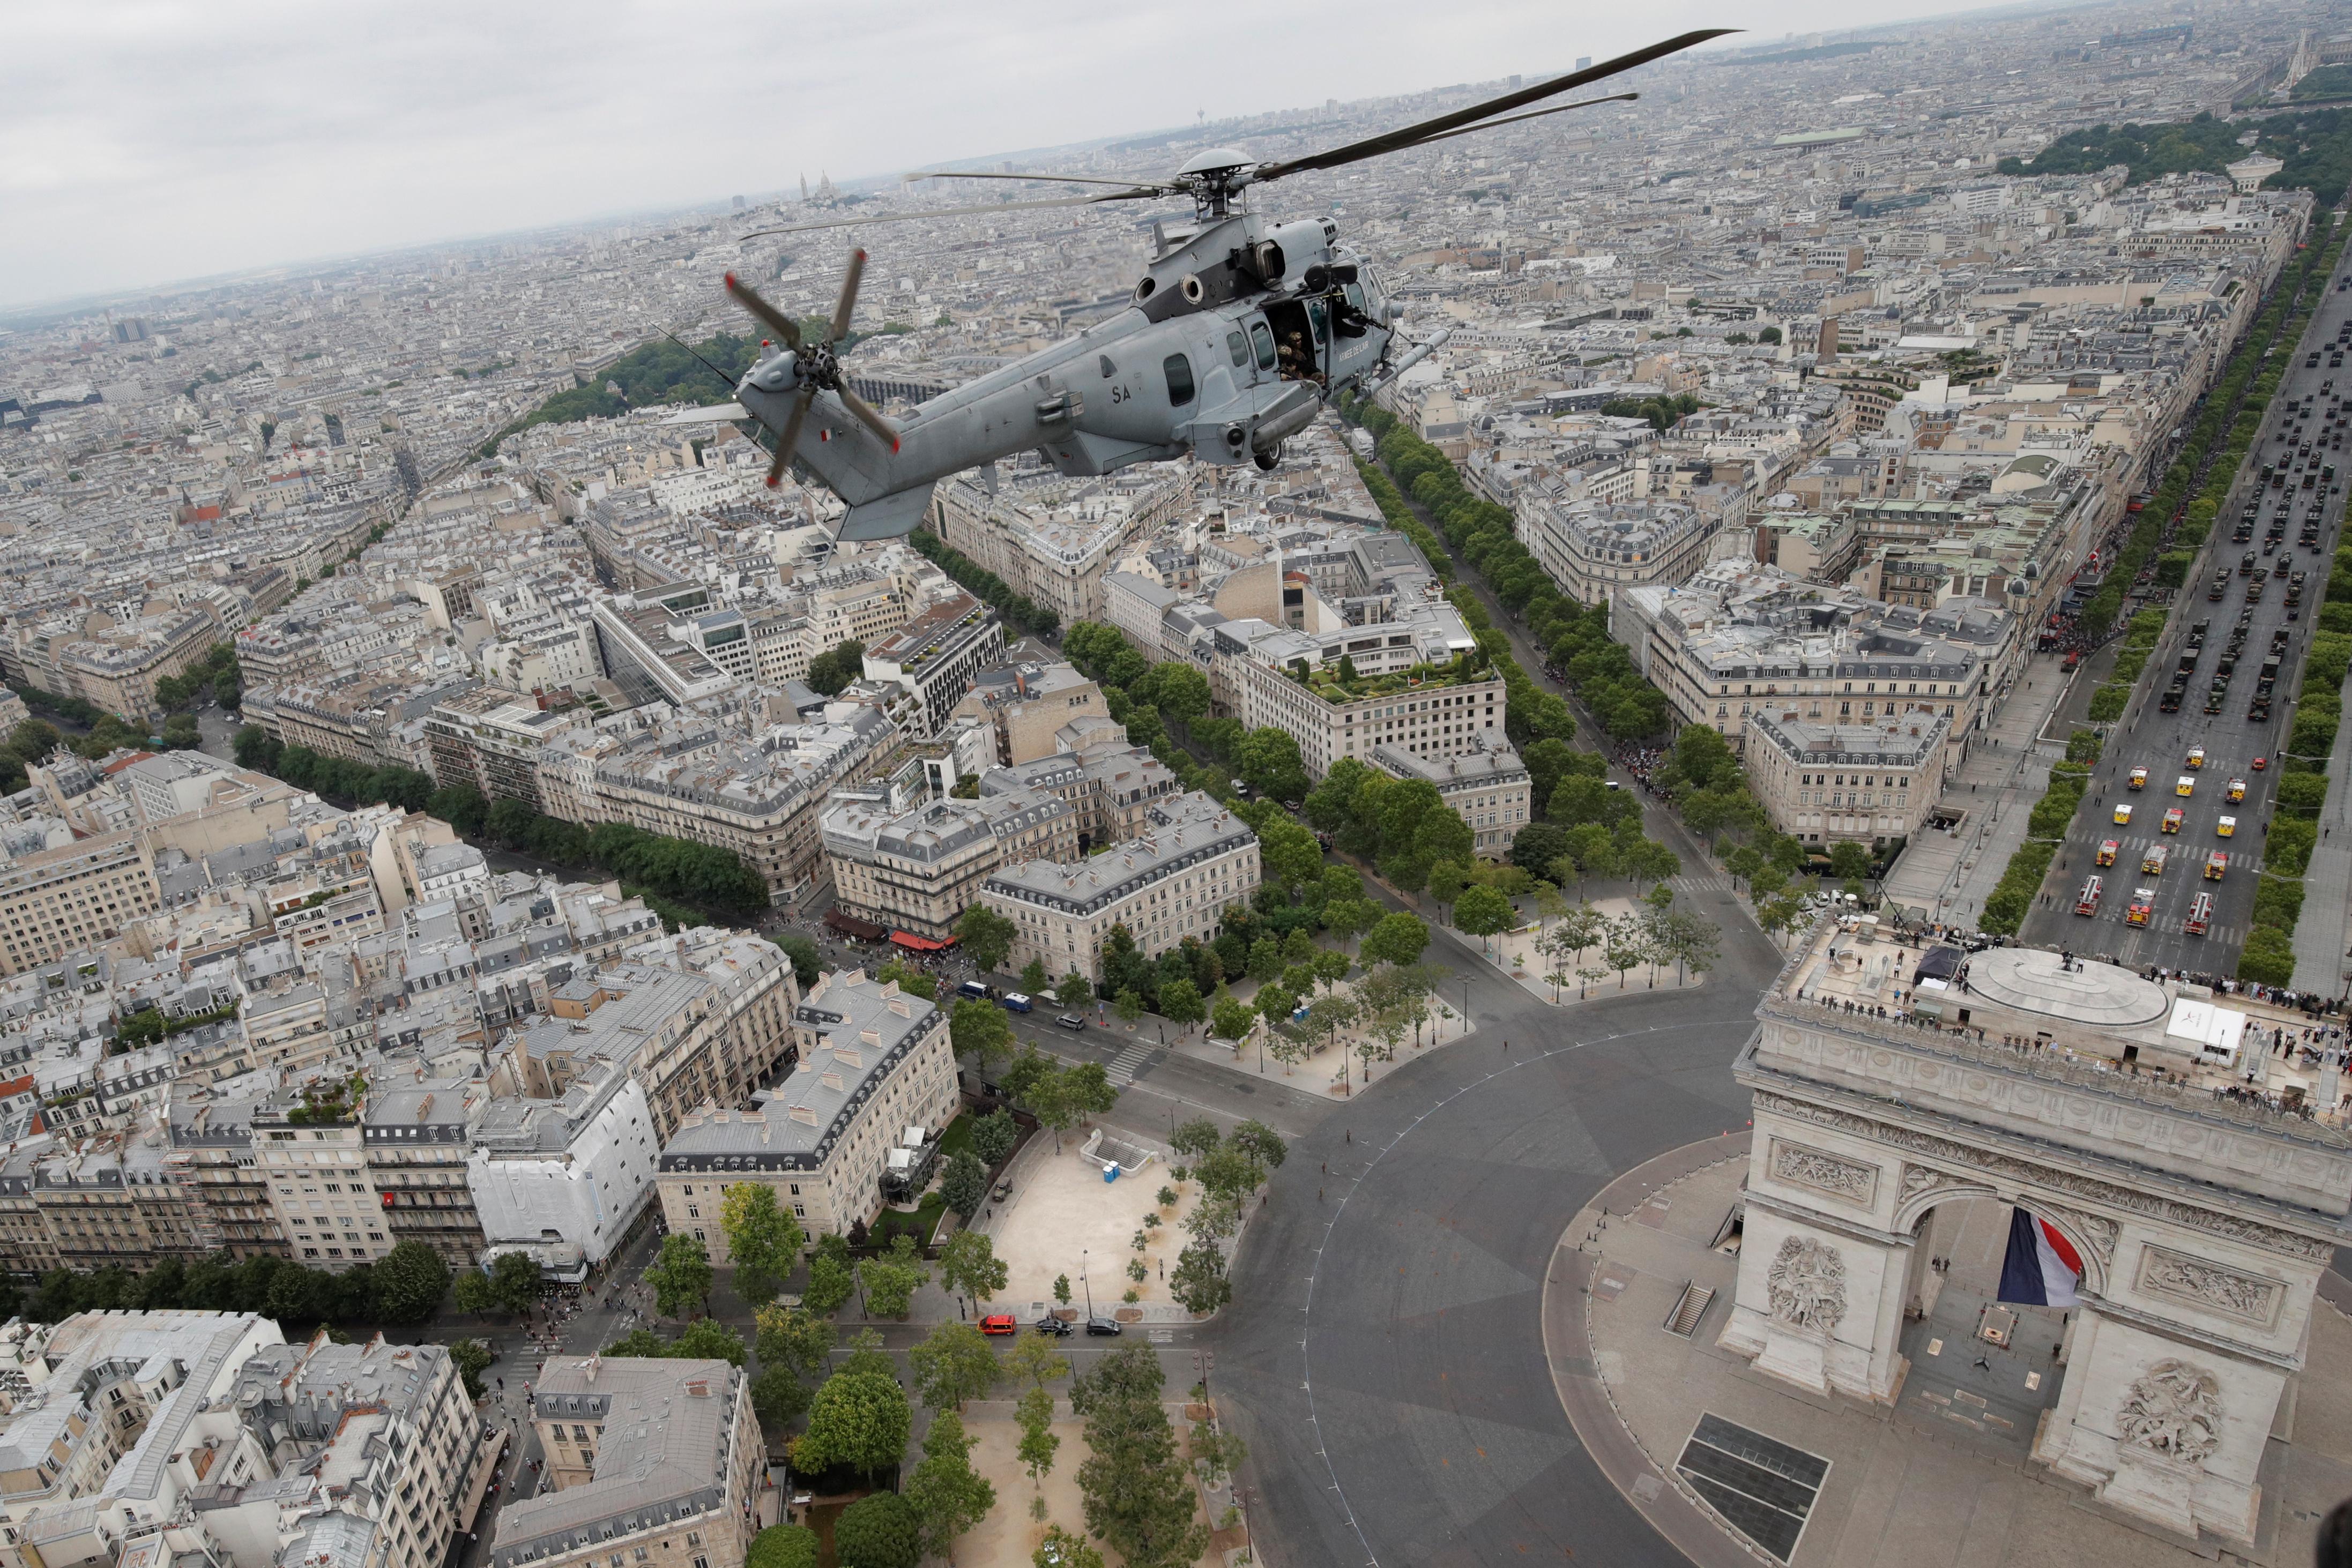 Imagen tomada desde un helicóptero y sobre el Arco del Triunfo